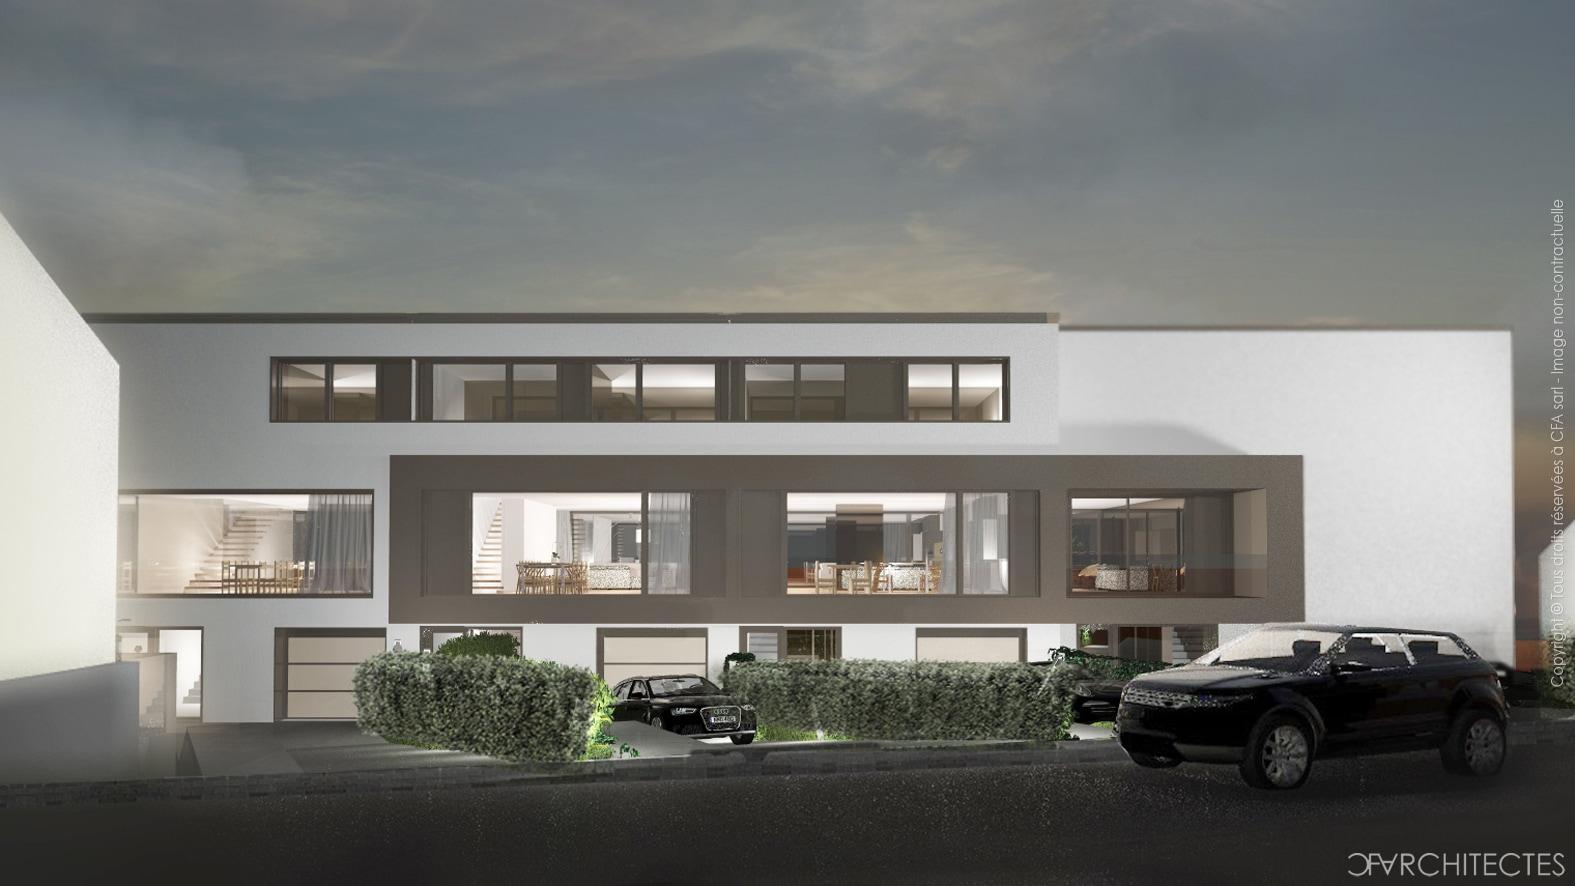 101-KOPS-CFArchitectes-Maisons-jumelées-Luxembourg-Architecte-Kopstal-03